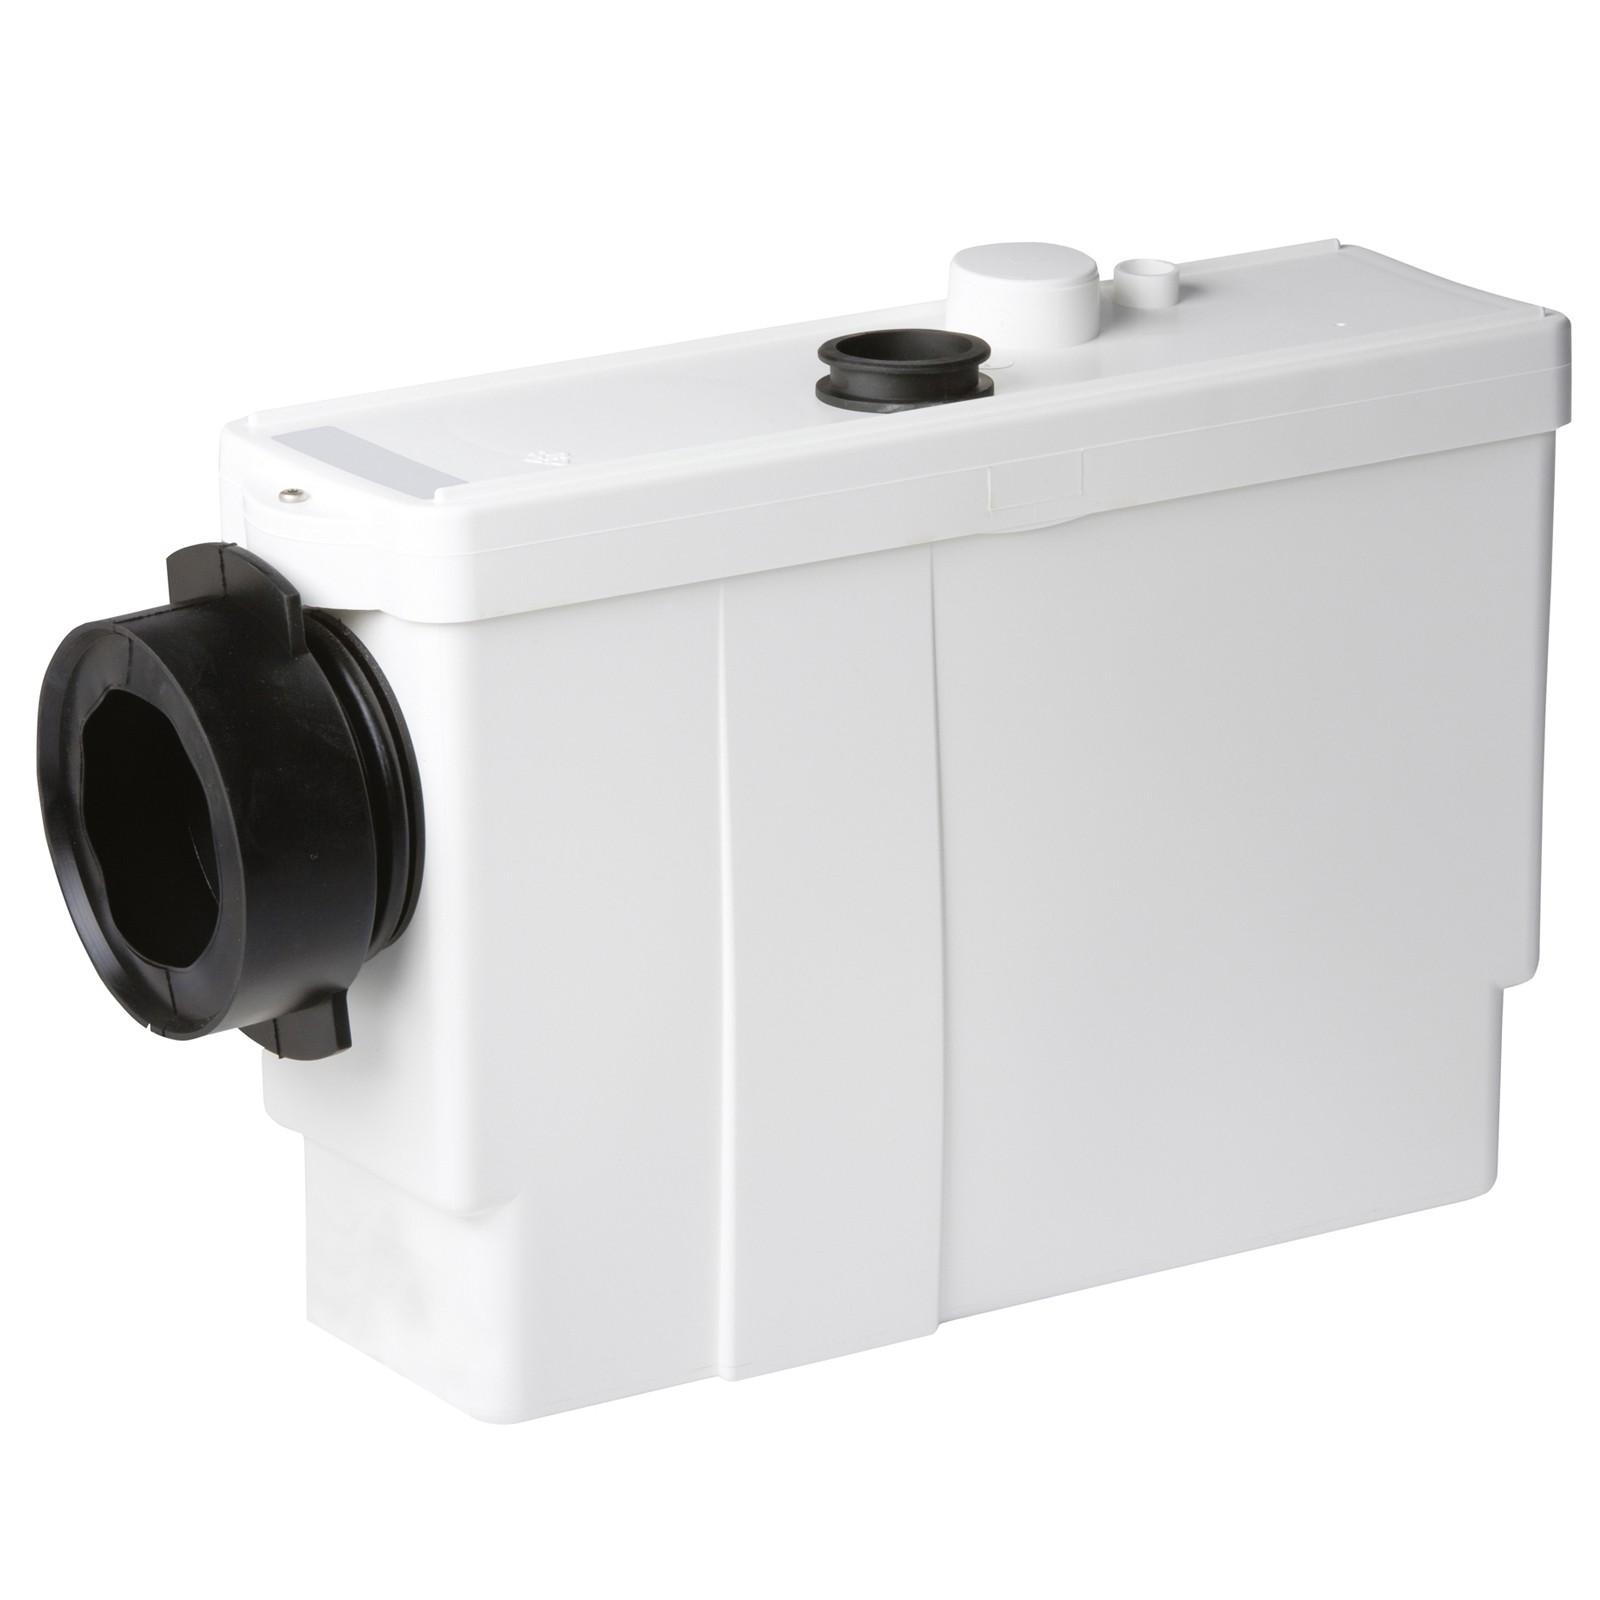 Hebeanlage Dusche Wc : Hebeanlage Dusche Einbau : Lomac Suverain 400 VW A WC Hebeanlage mit